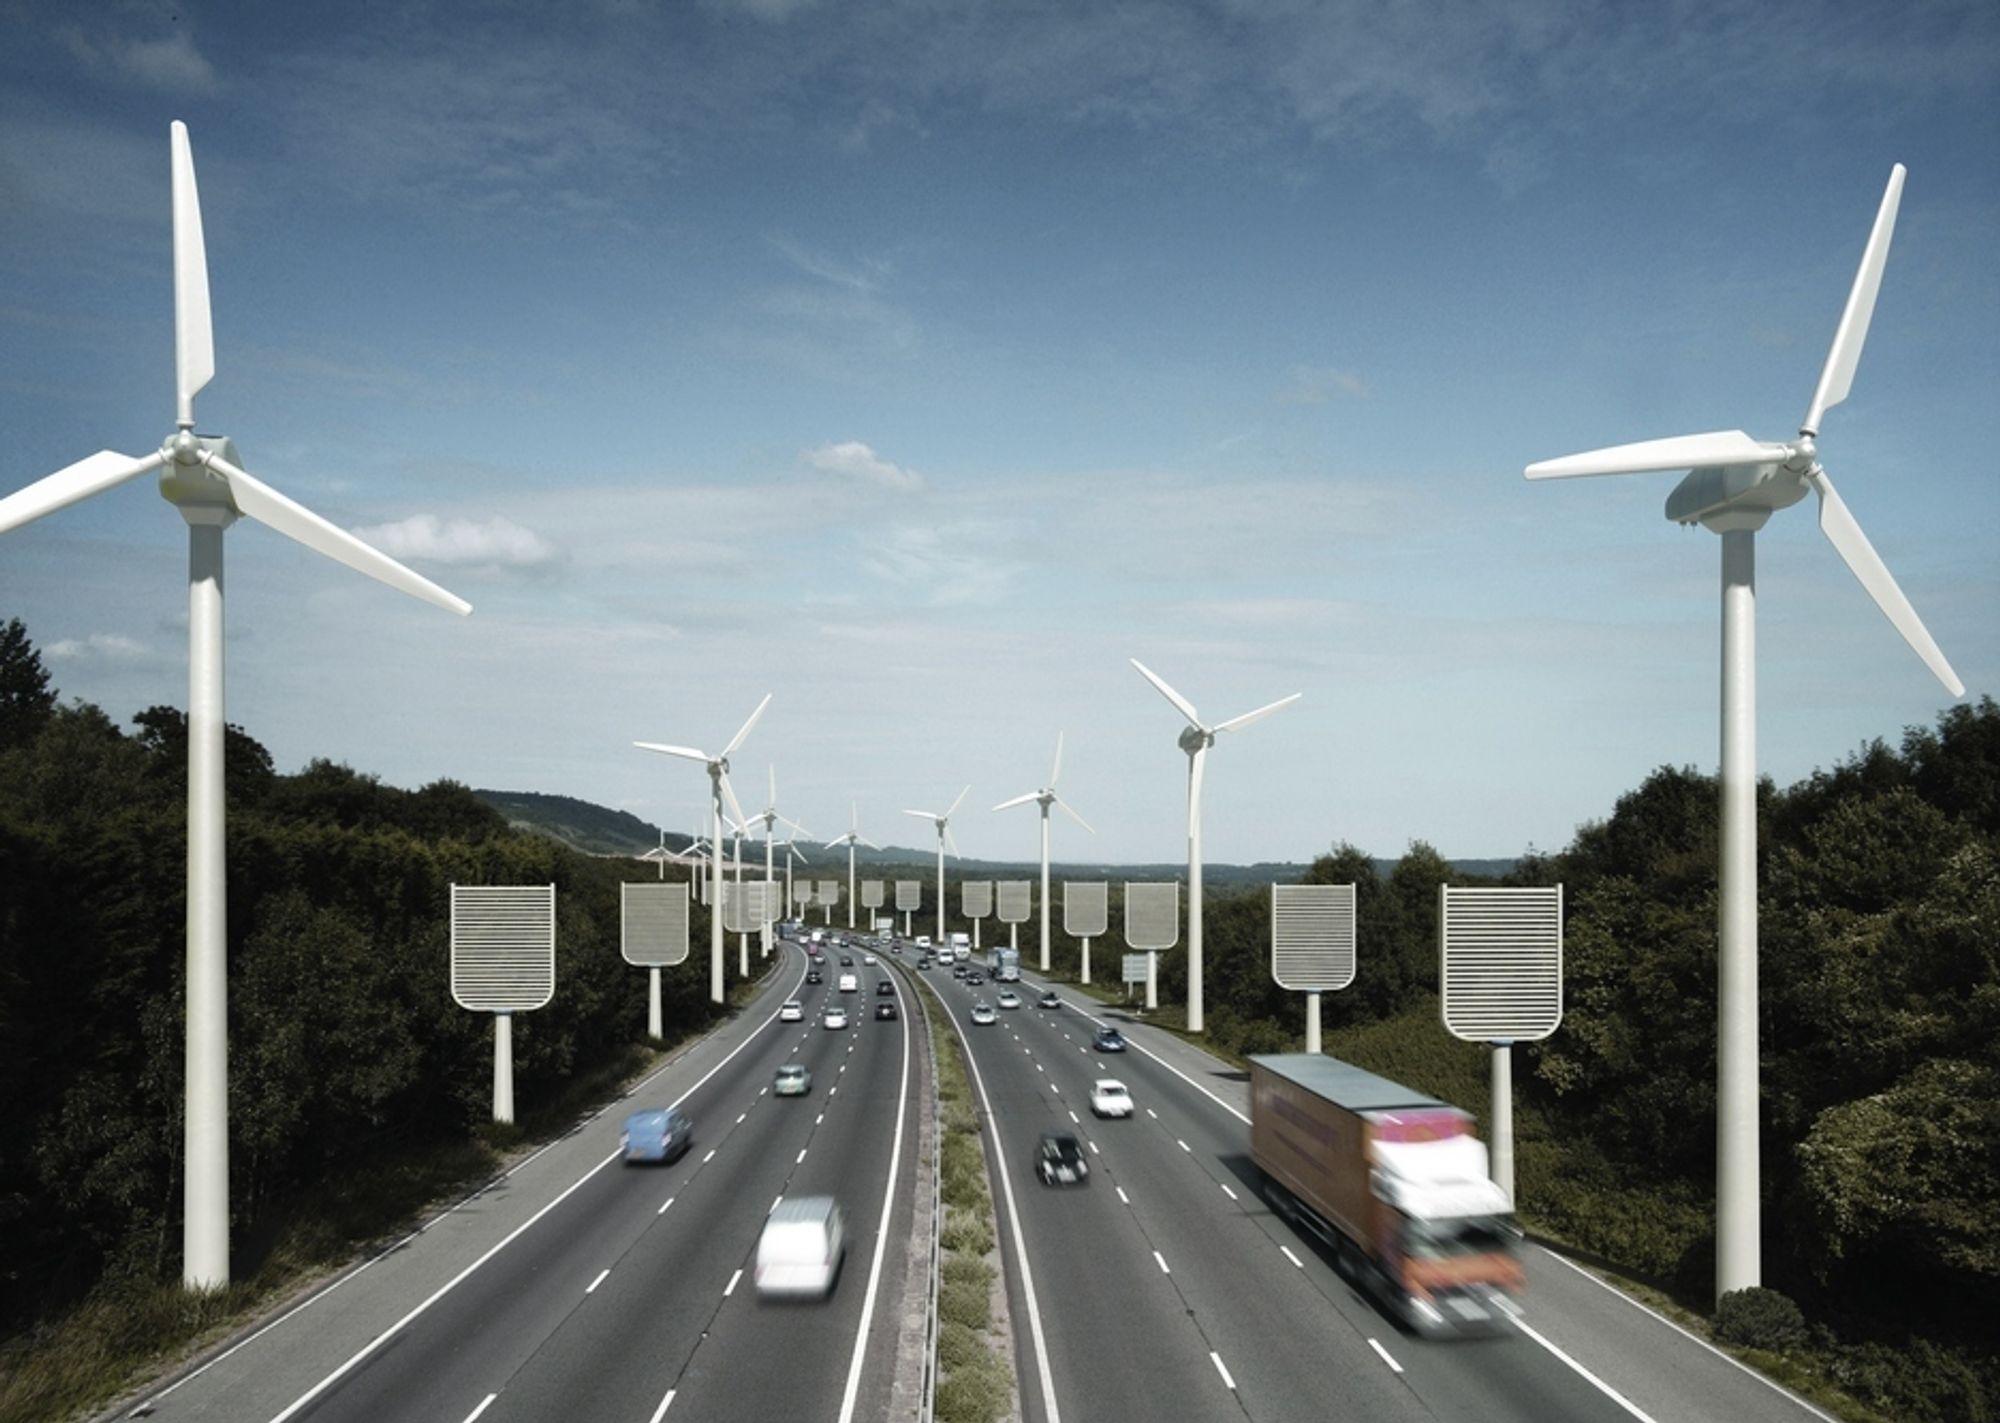 MEKANISKE TRÆR: De mekaniske trærne ser ut som fluesmekkere langs denne motorveien. Britiske ingeniører mener filtrene i disse trærne kan fange tusen ganger mer CO2 enn vanlige trær. Dette er ett av forslagene i en ny rapport om geoengineering.